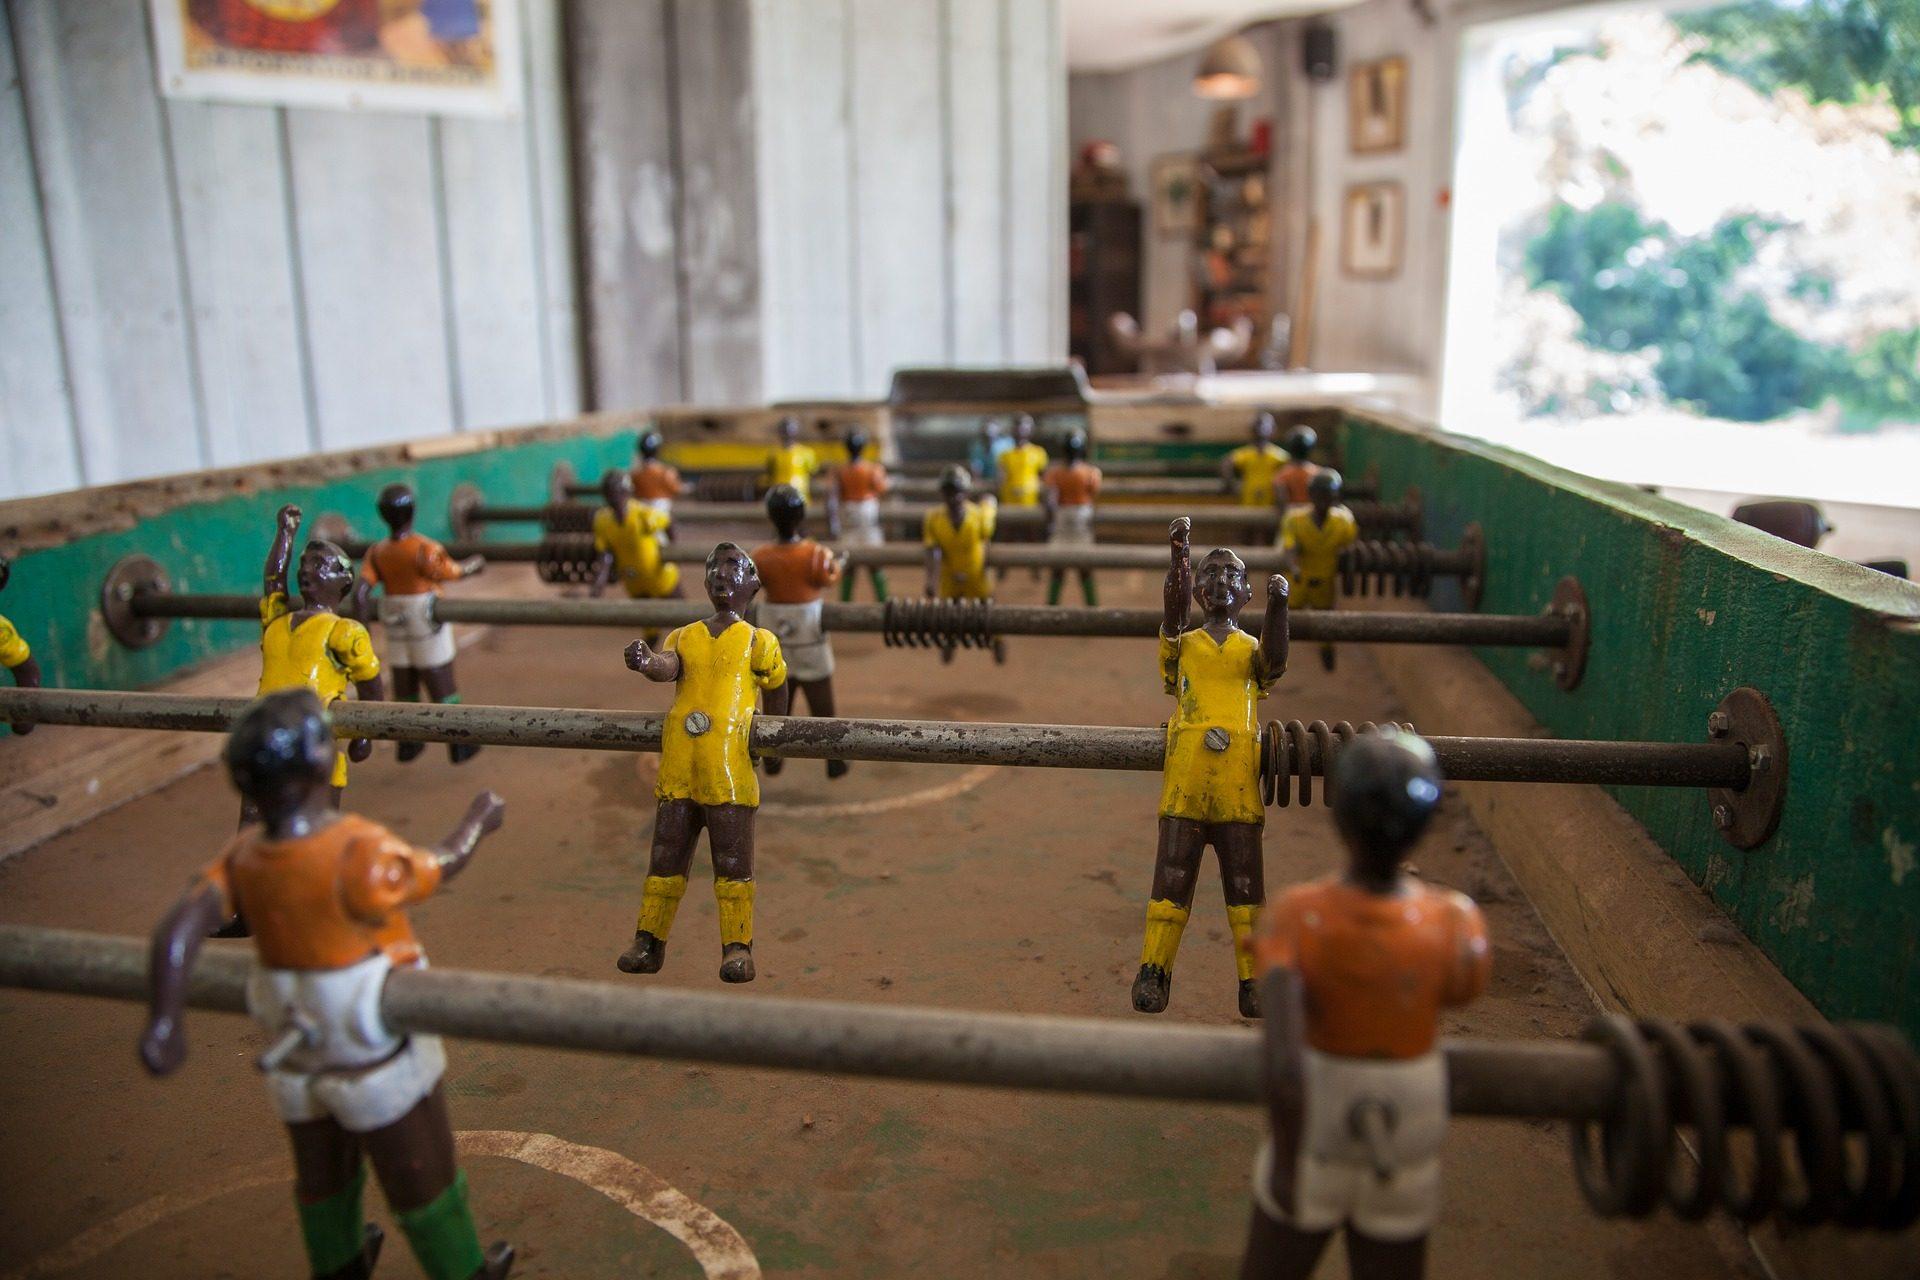 foosball, फुटबॉल, गुड़िया, आंकड़े, सलाखों, अफ्रीका - HD वॉलपेपर - प्रोफेसर-falken.com